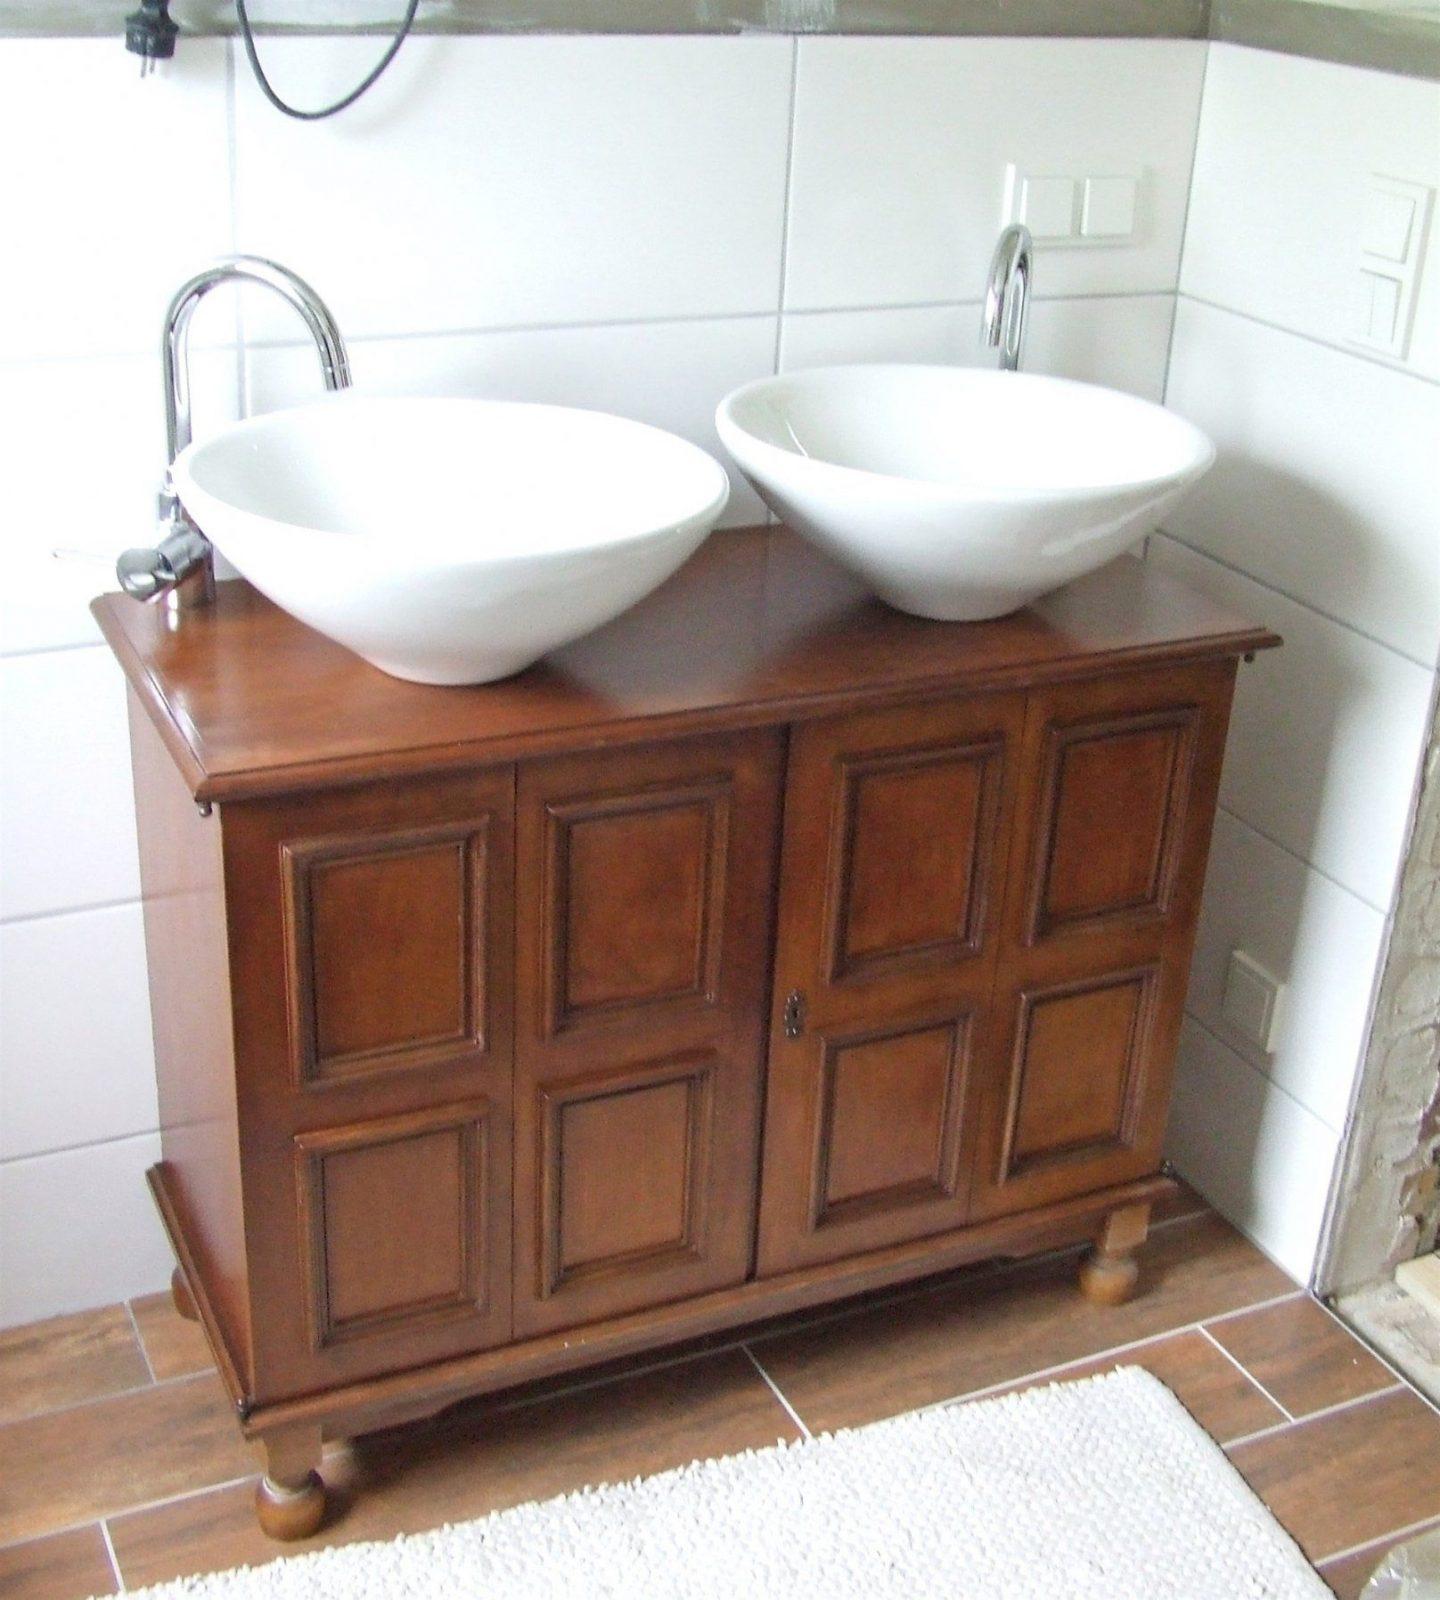 Beste Waschtisch Holz Selber Bauen Stunning Waschtisch Aus Holz von Waschbecken Platte Selber Bauen Bild